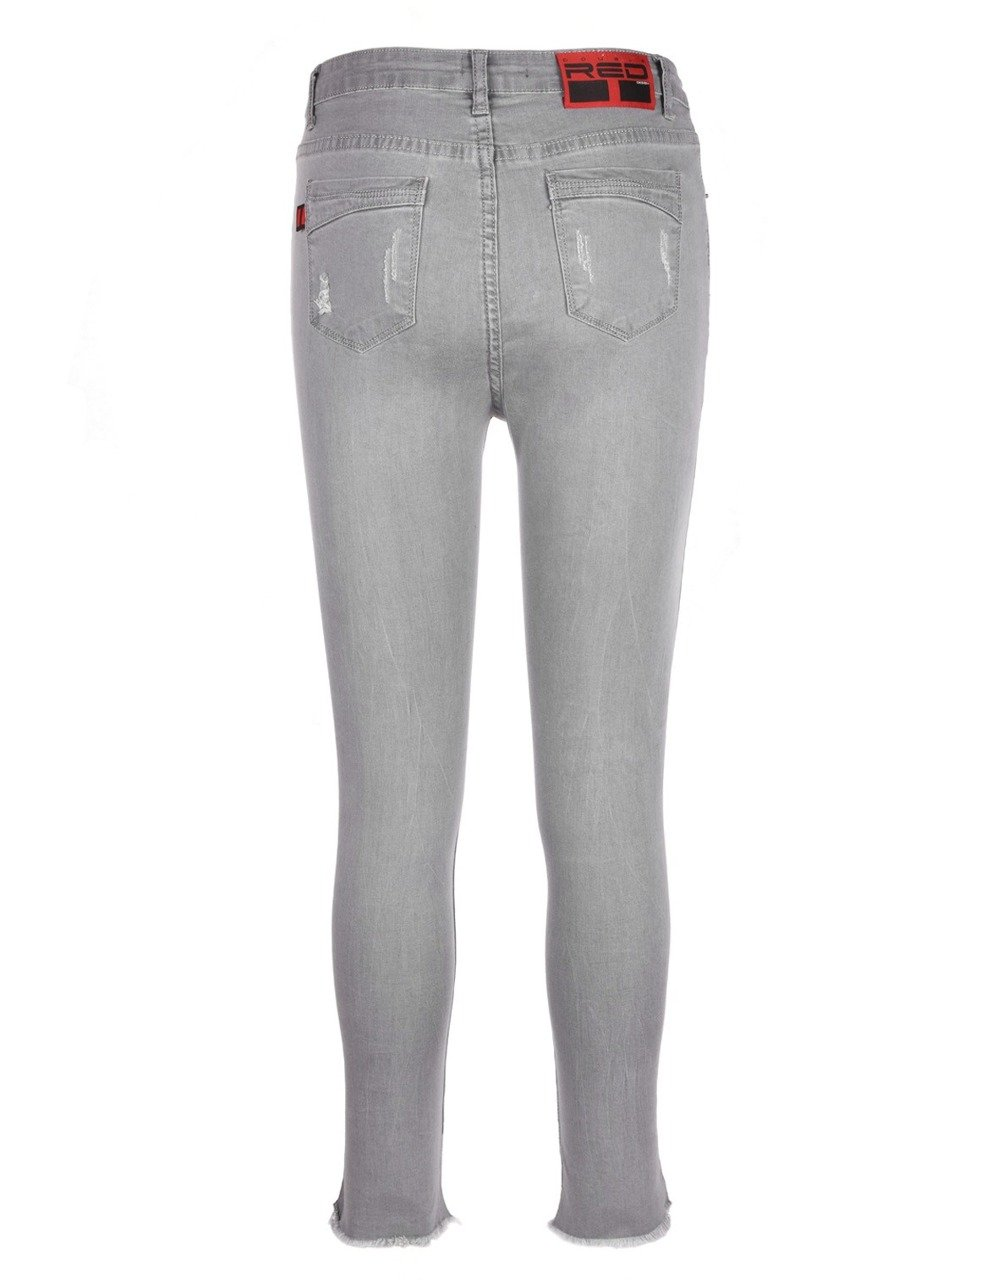 how to wear grey jeans women